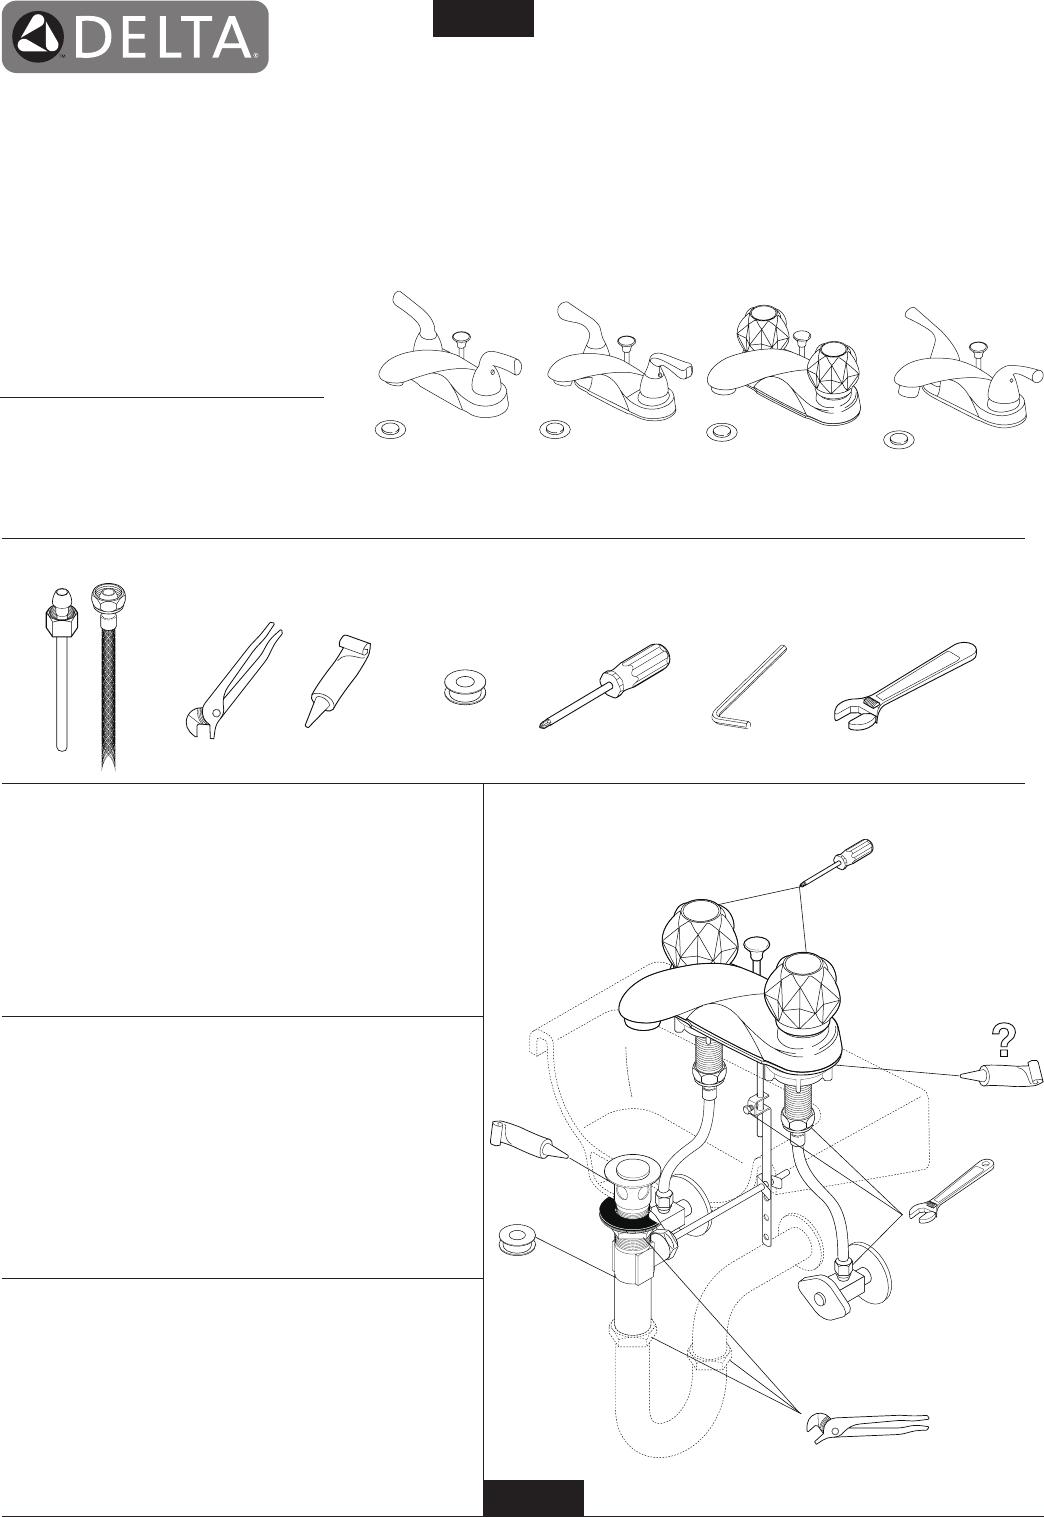 Cool Delta Bathroom Faucets Wallpaper Manual Guide